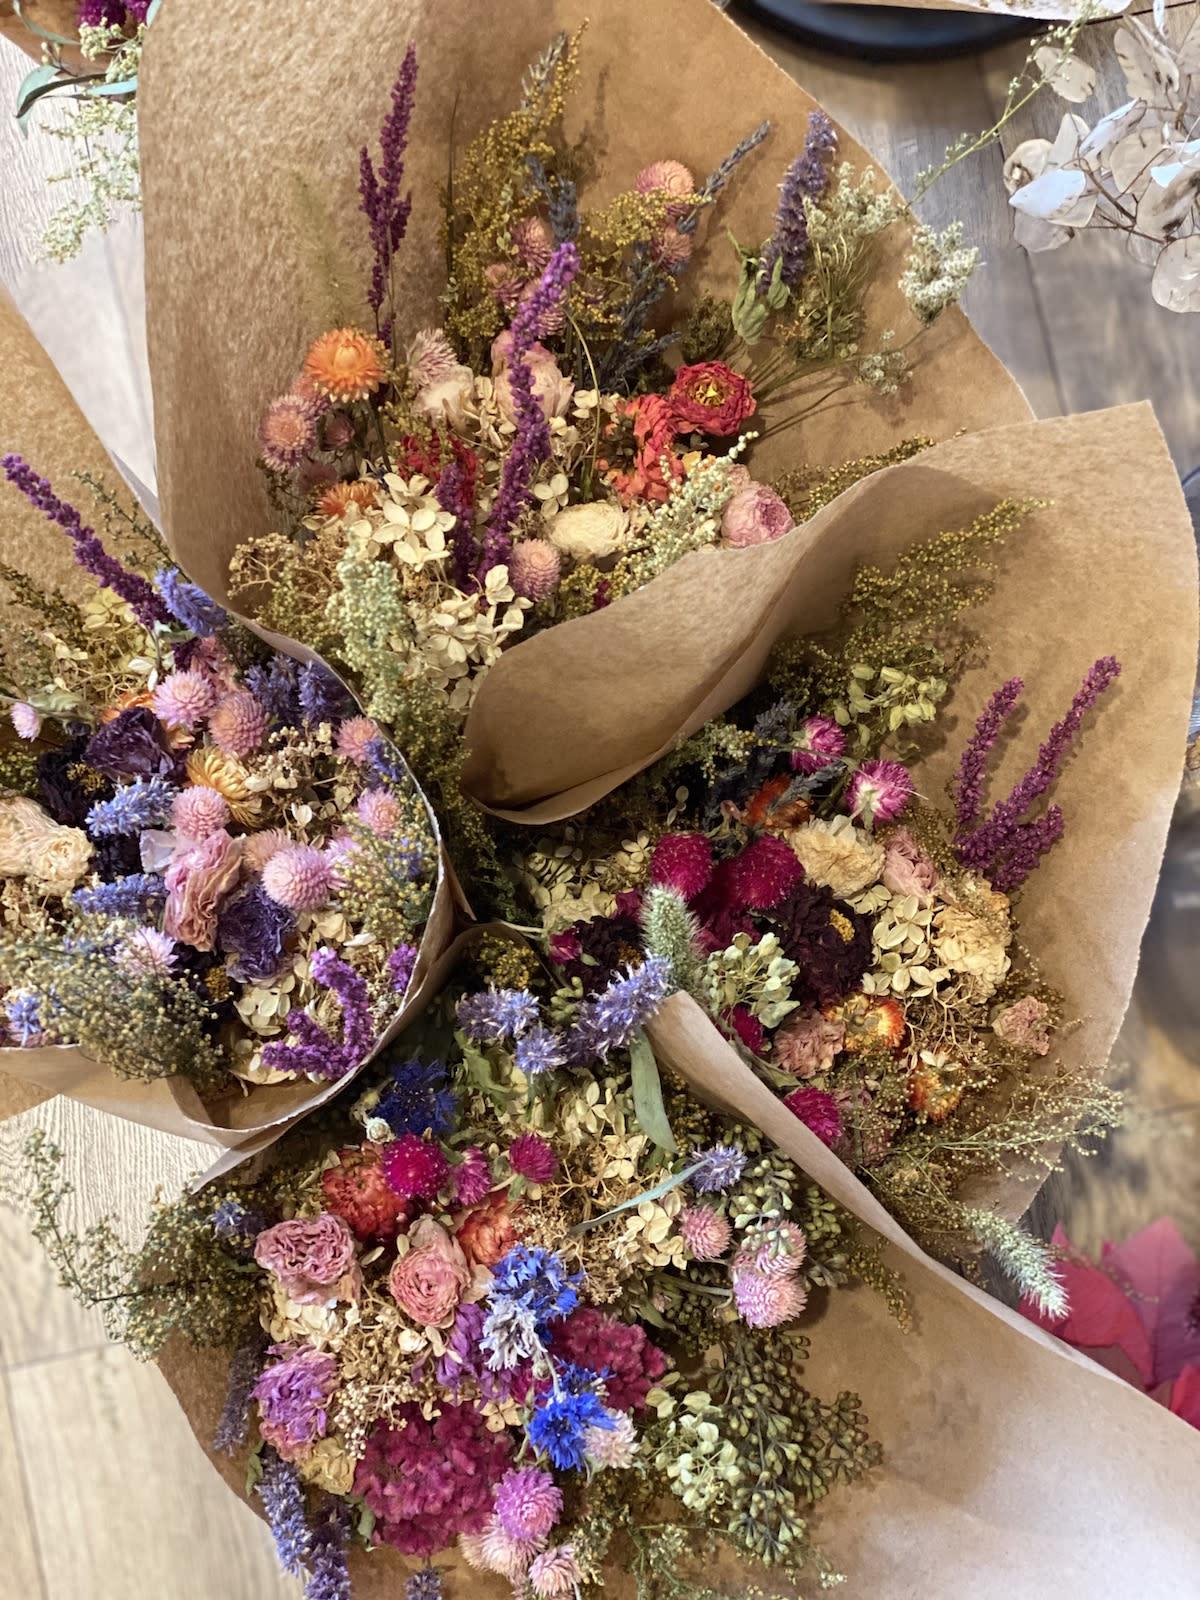 Nj Grown Dried Flower Bouquet In Morristown Nj Colly Flowers